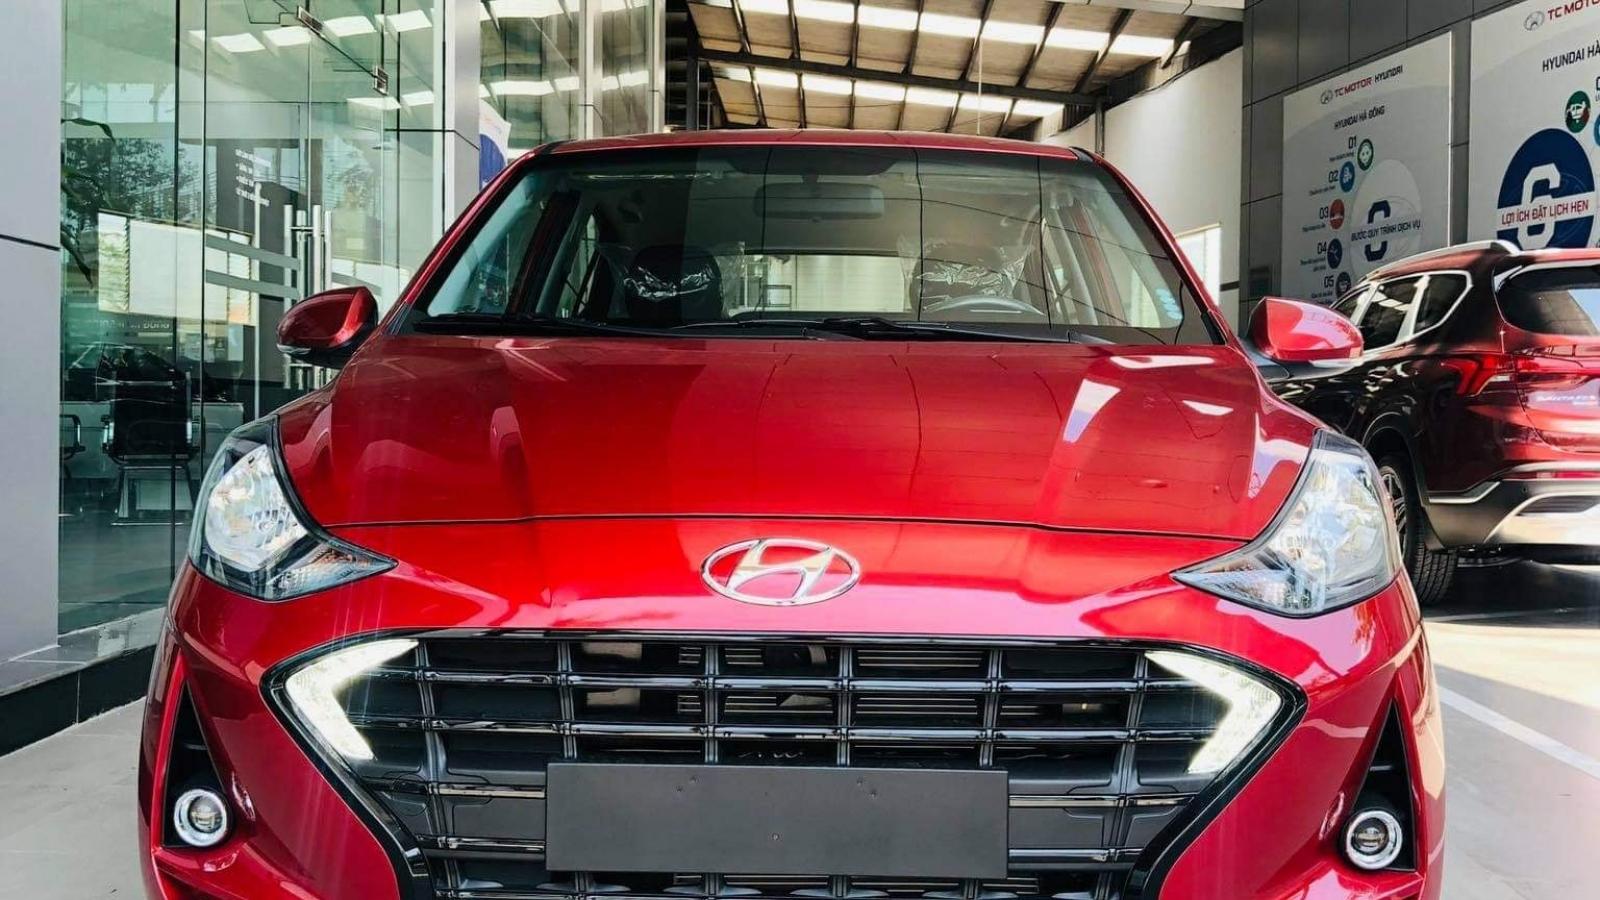 Bất ngờ lộ diện Hyundai Grand i10 2021 tại Việt Nam